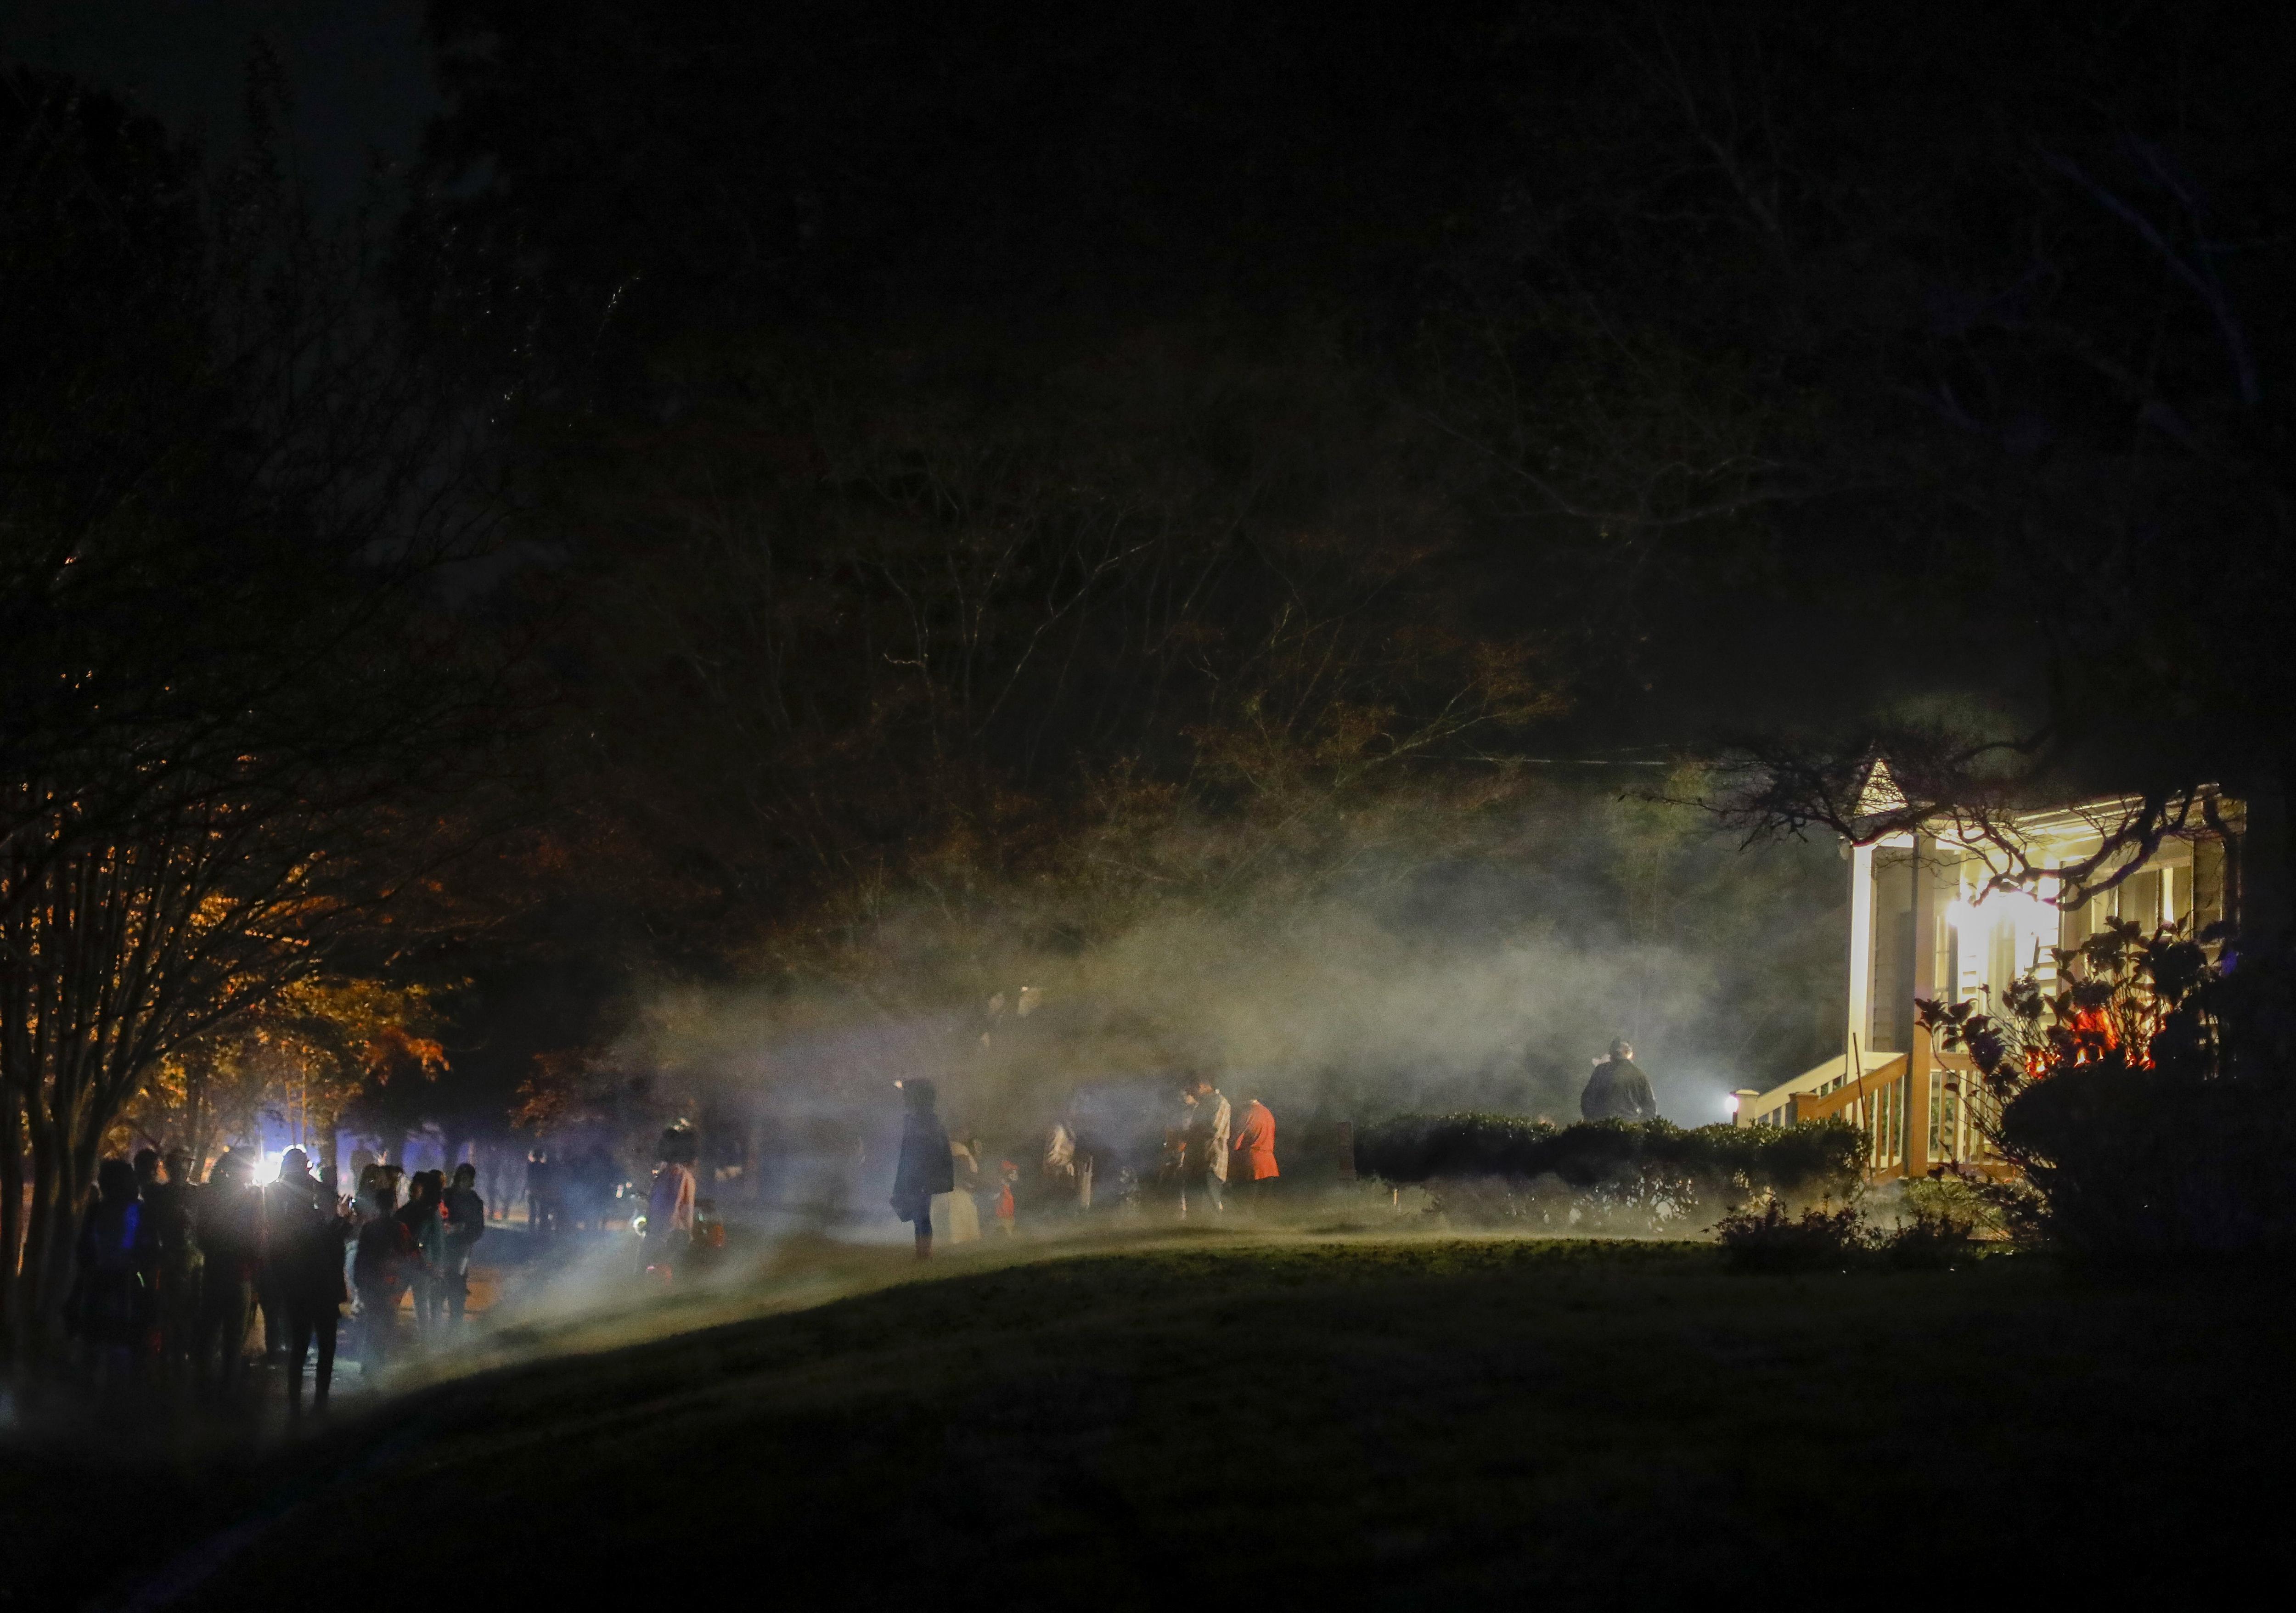 Un grup de nins disfressats visita una casa durant la nit de Halloween als EUA. /ERIK S. LESSER